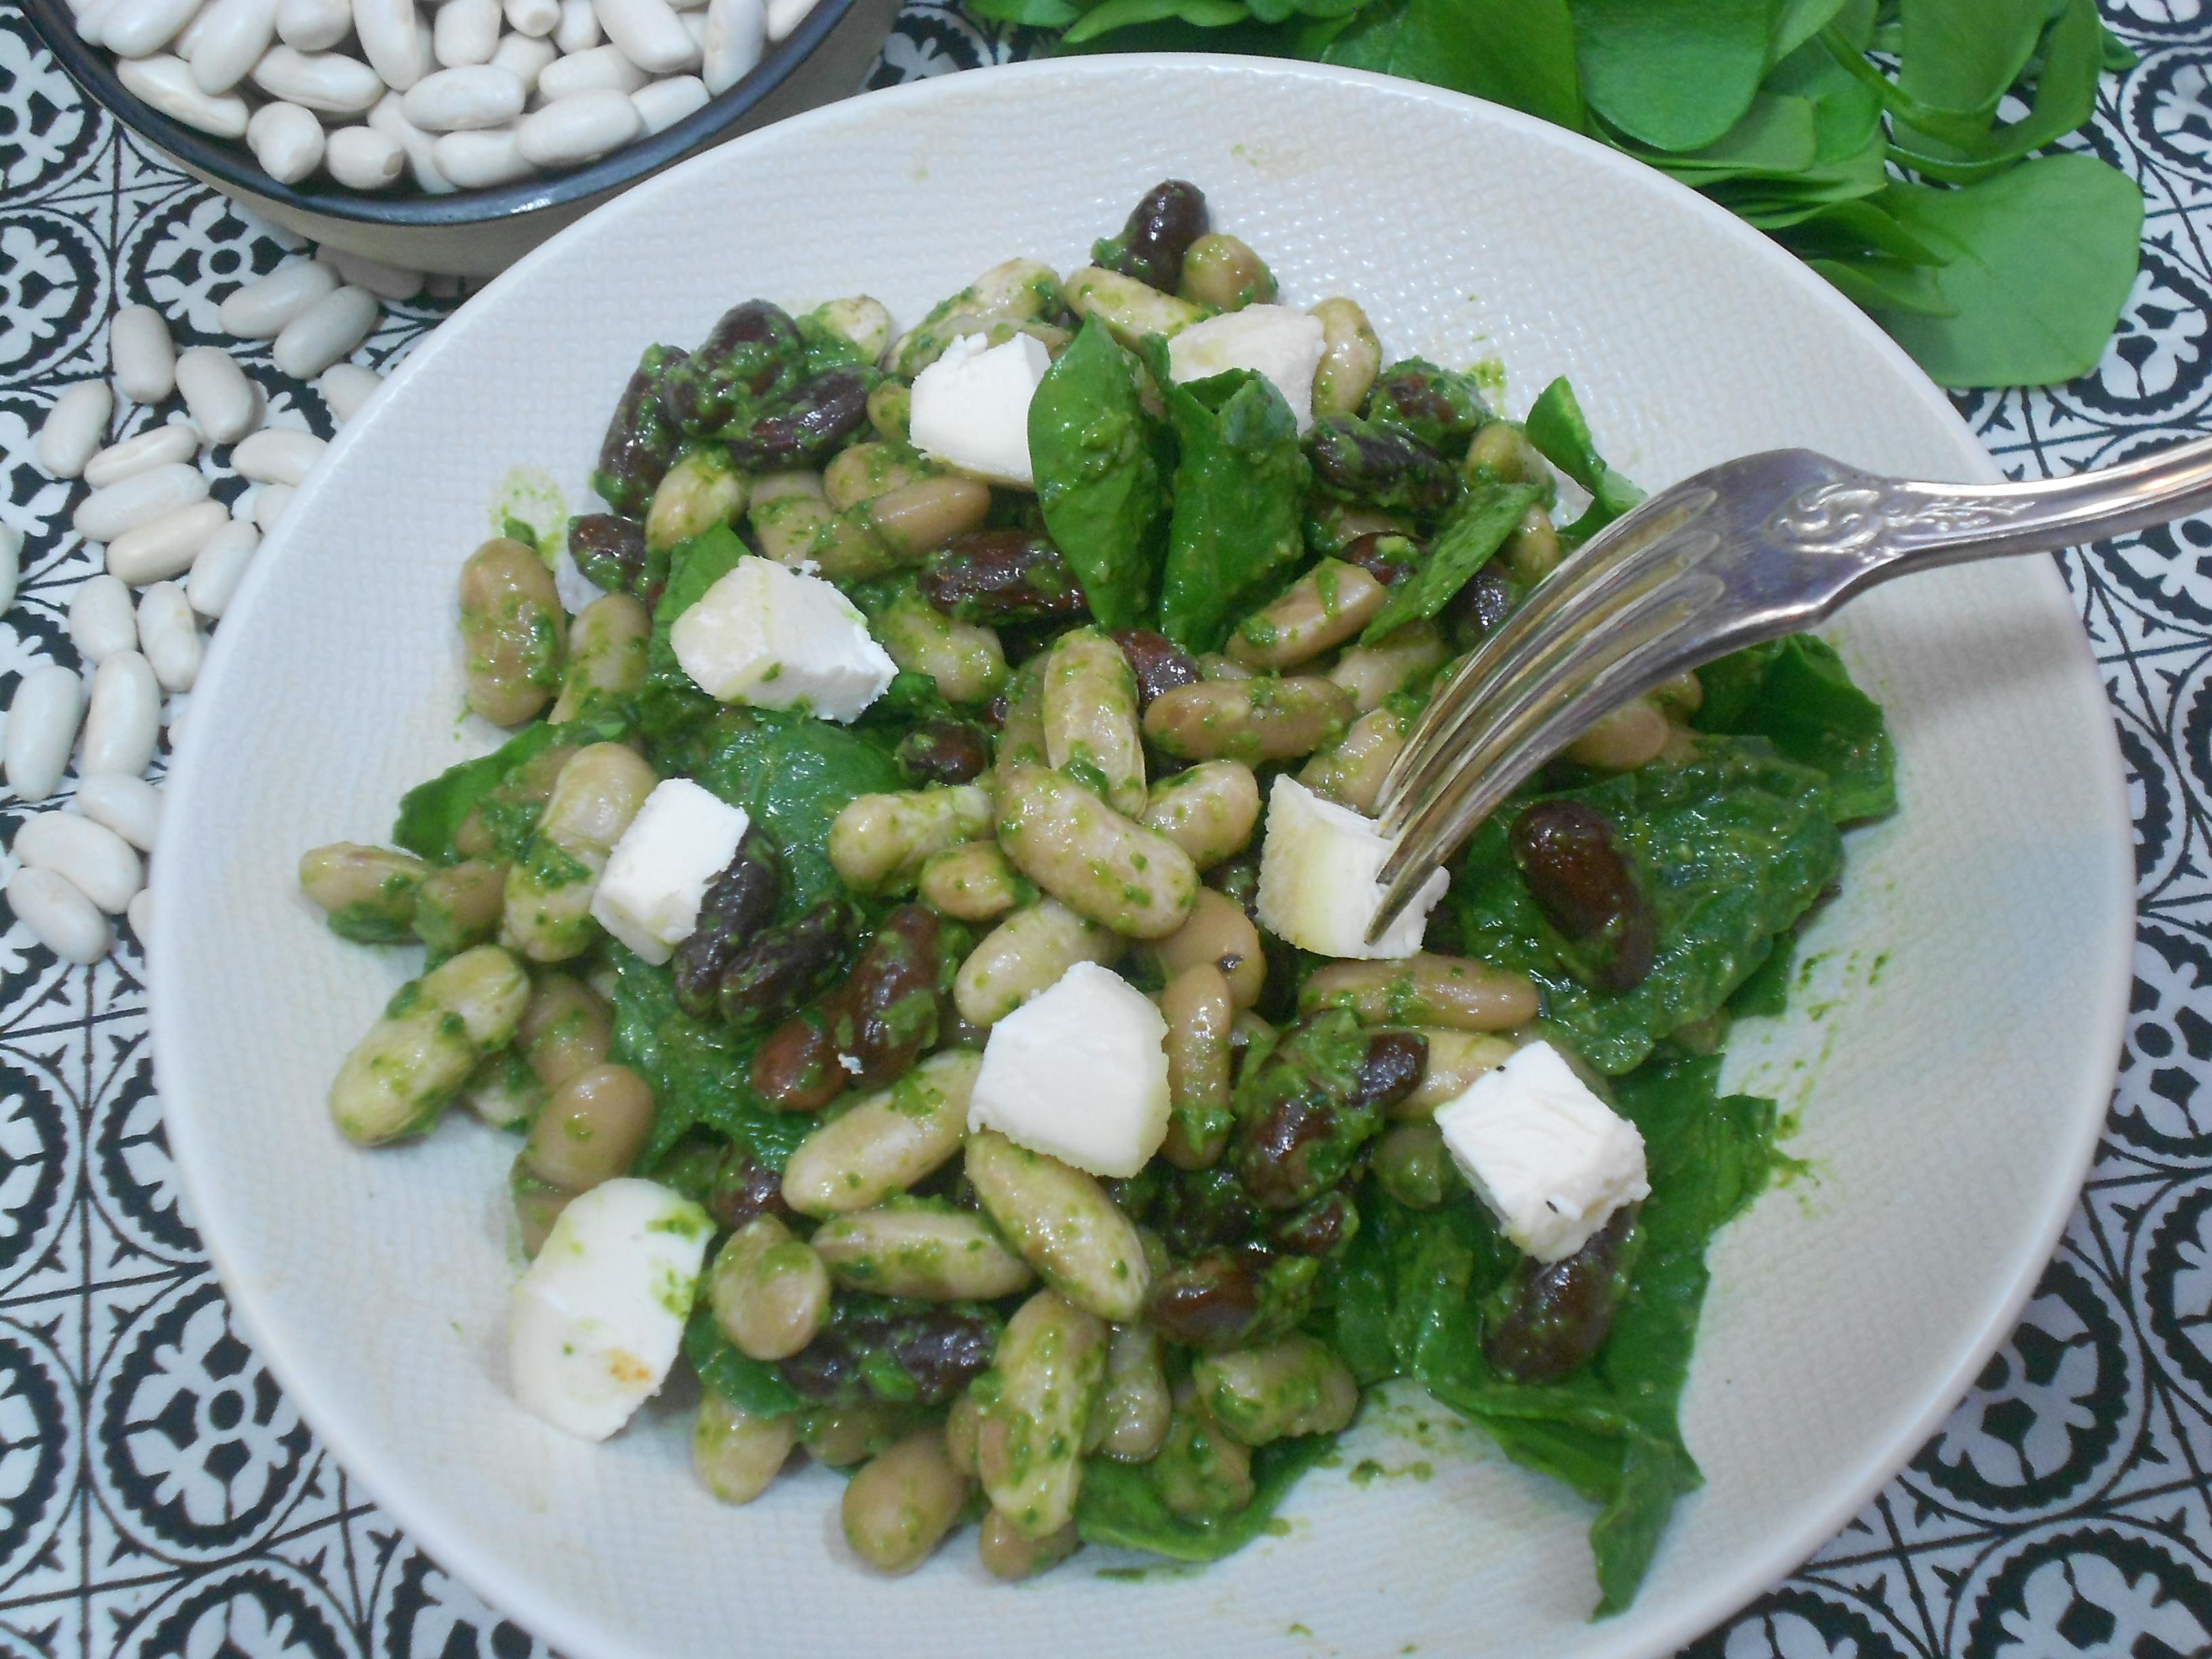 une salade équilibrée et nutritive